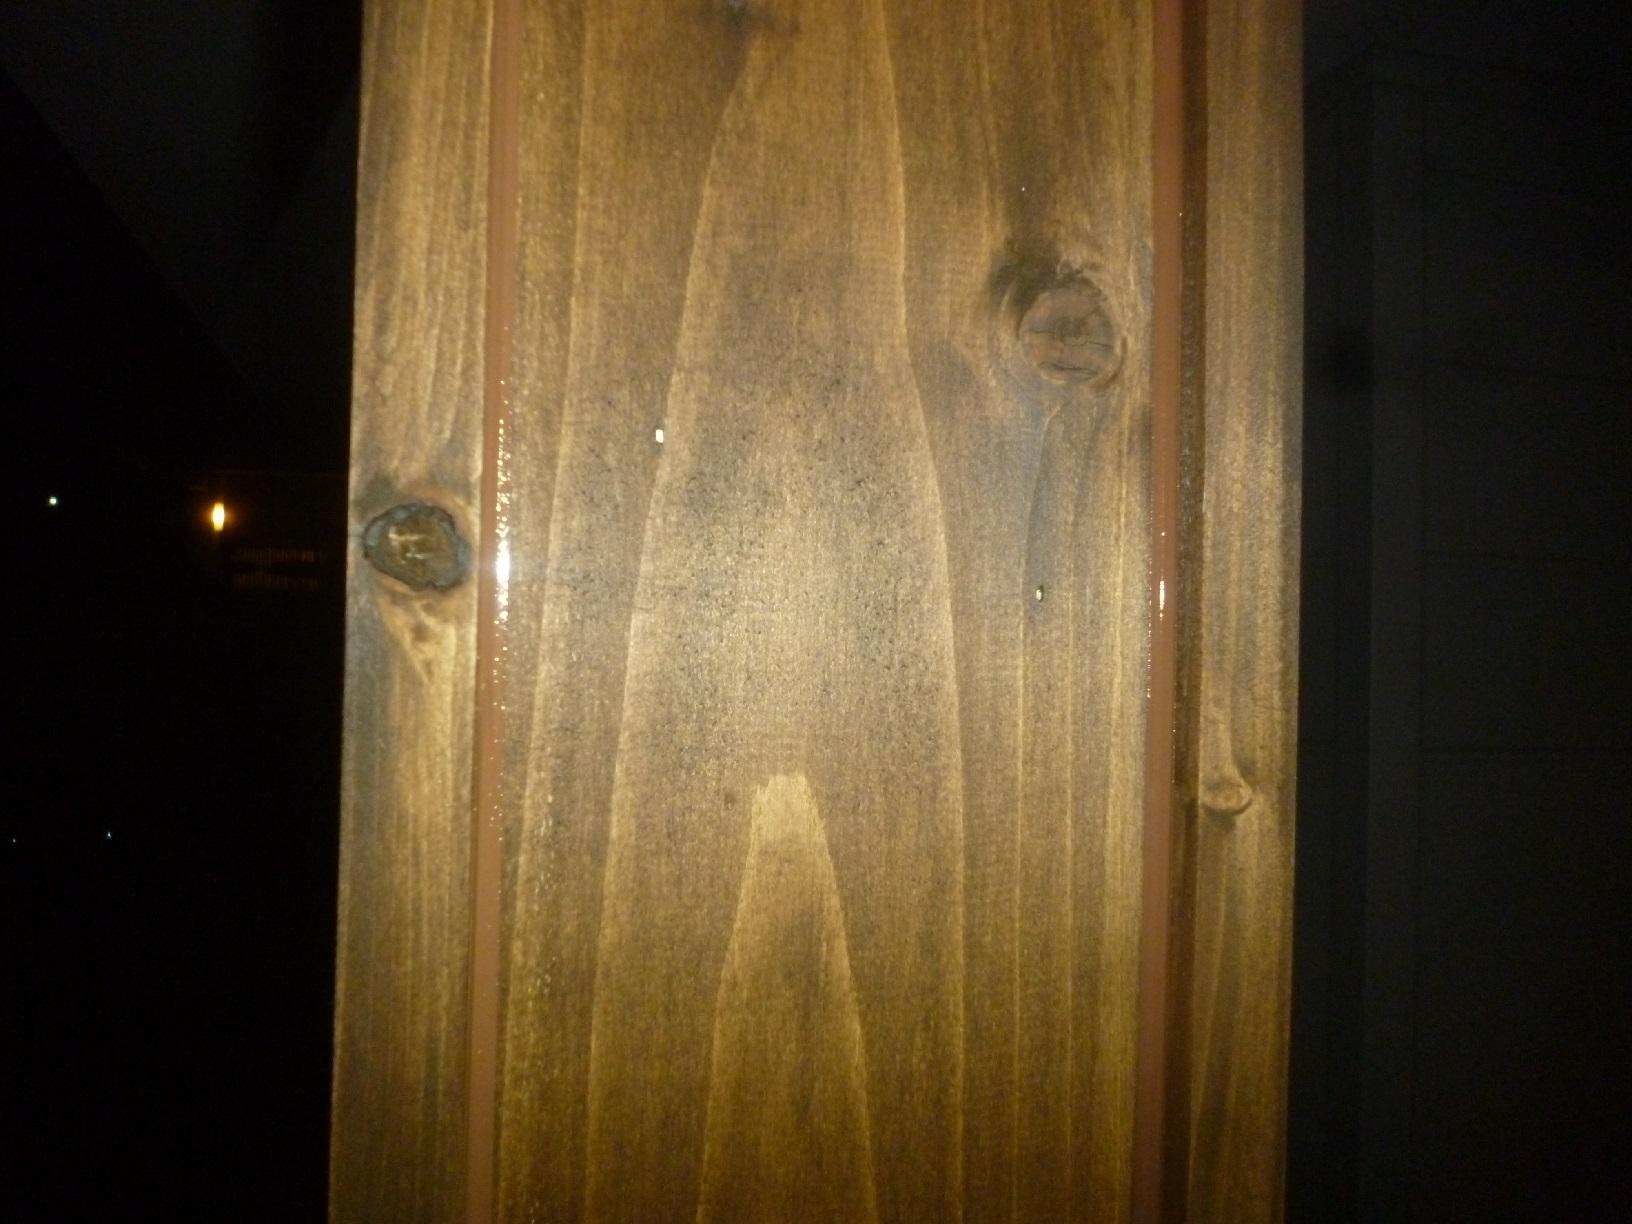 米町モンクール 玄関前柱 コーキング5